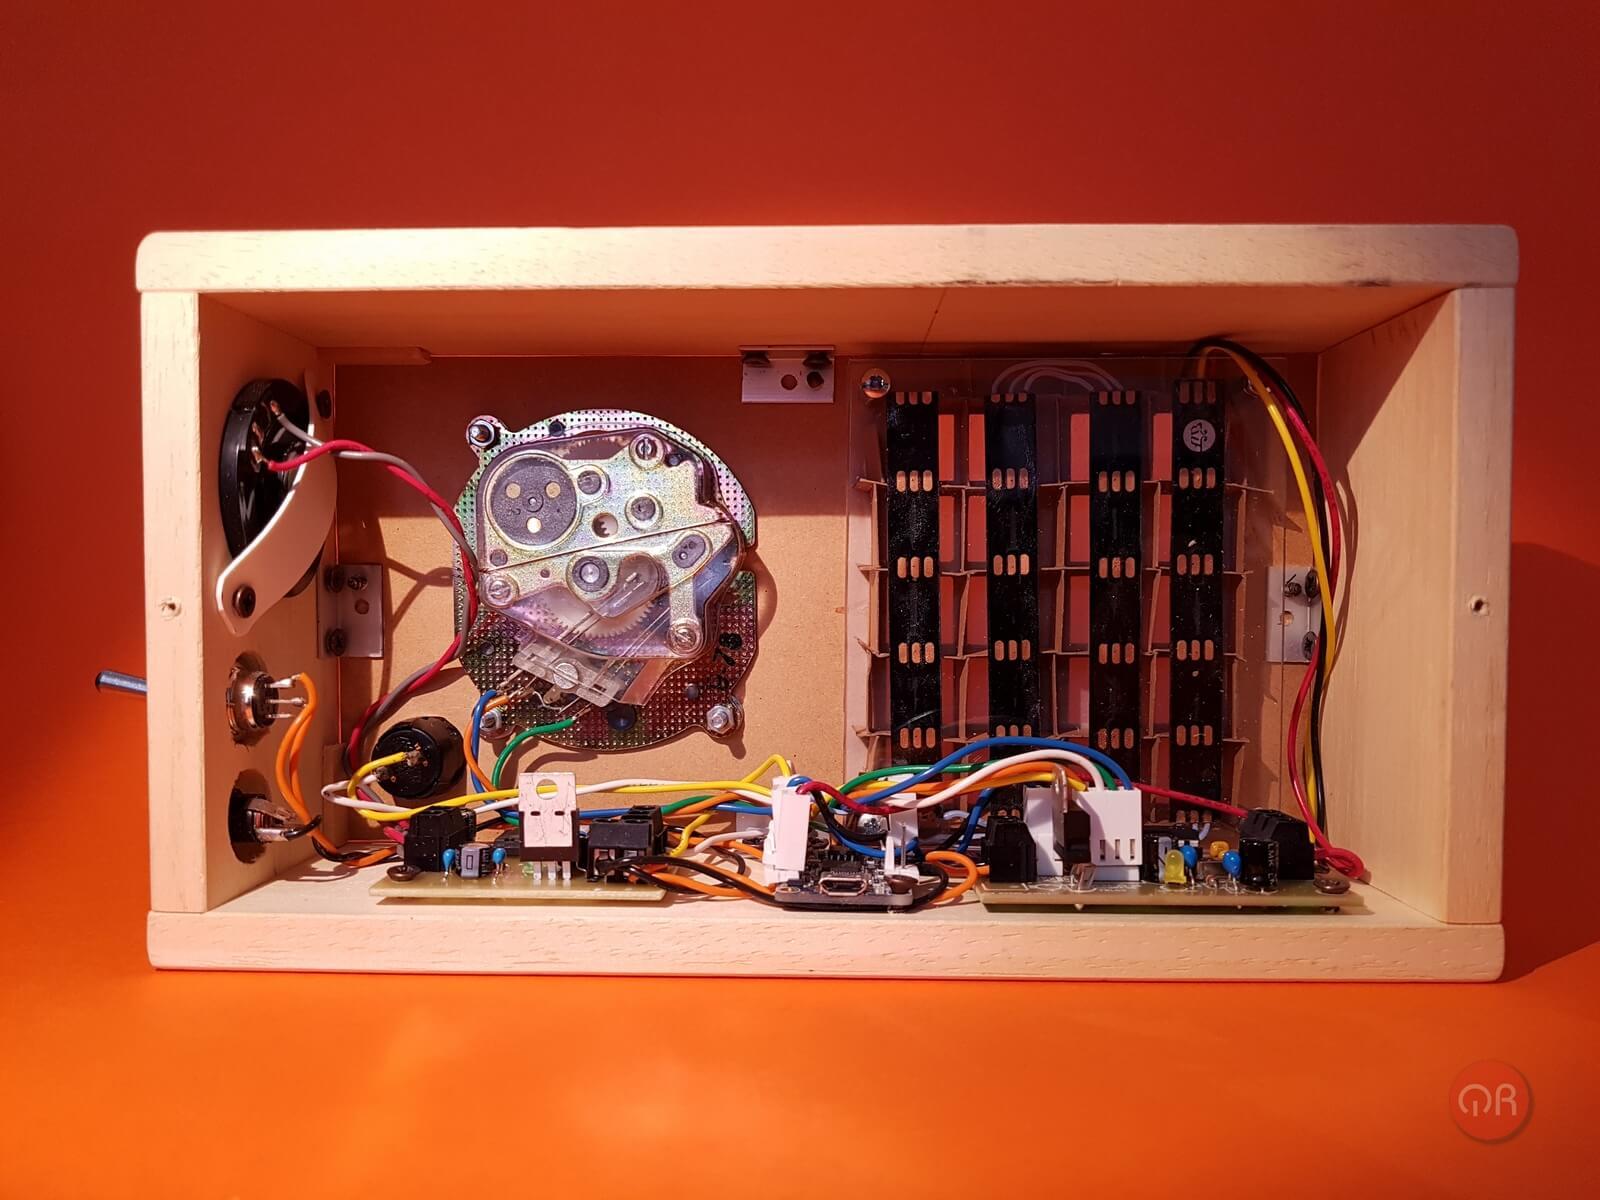 Foto del interno del timer donde se puede observar la electrónica.